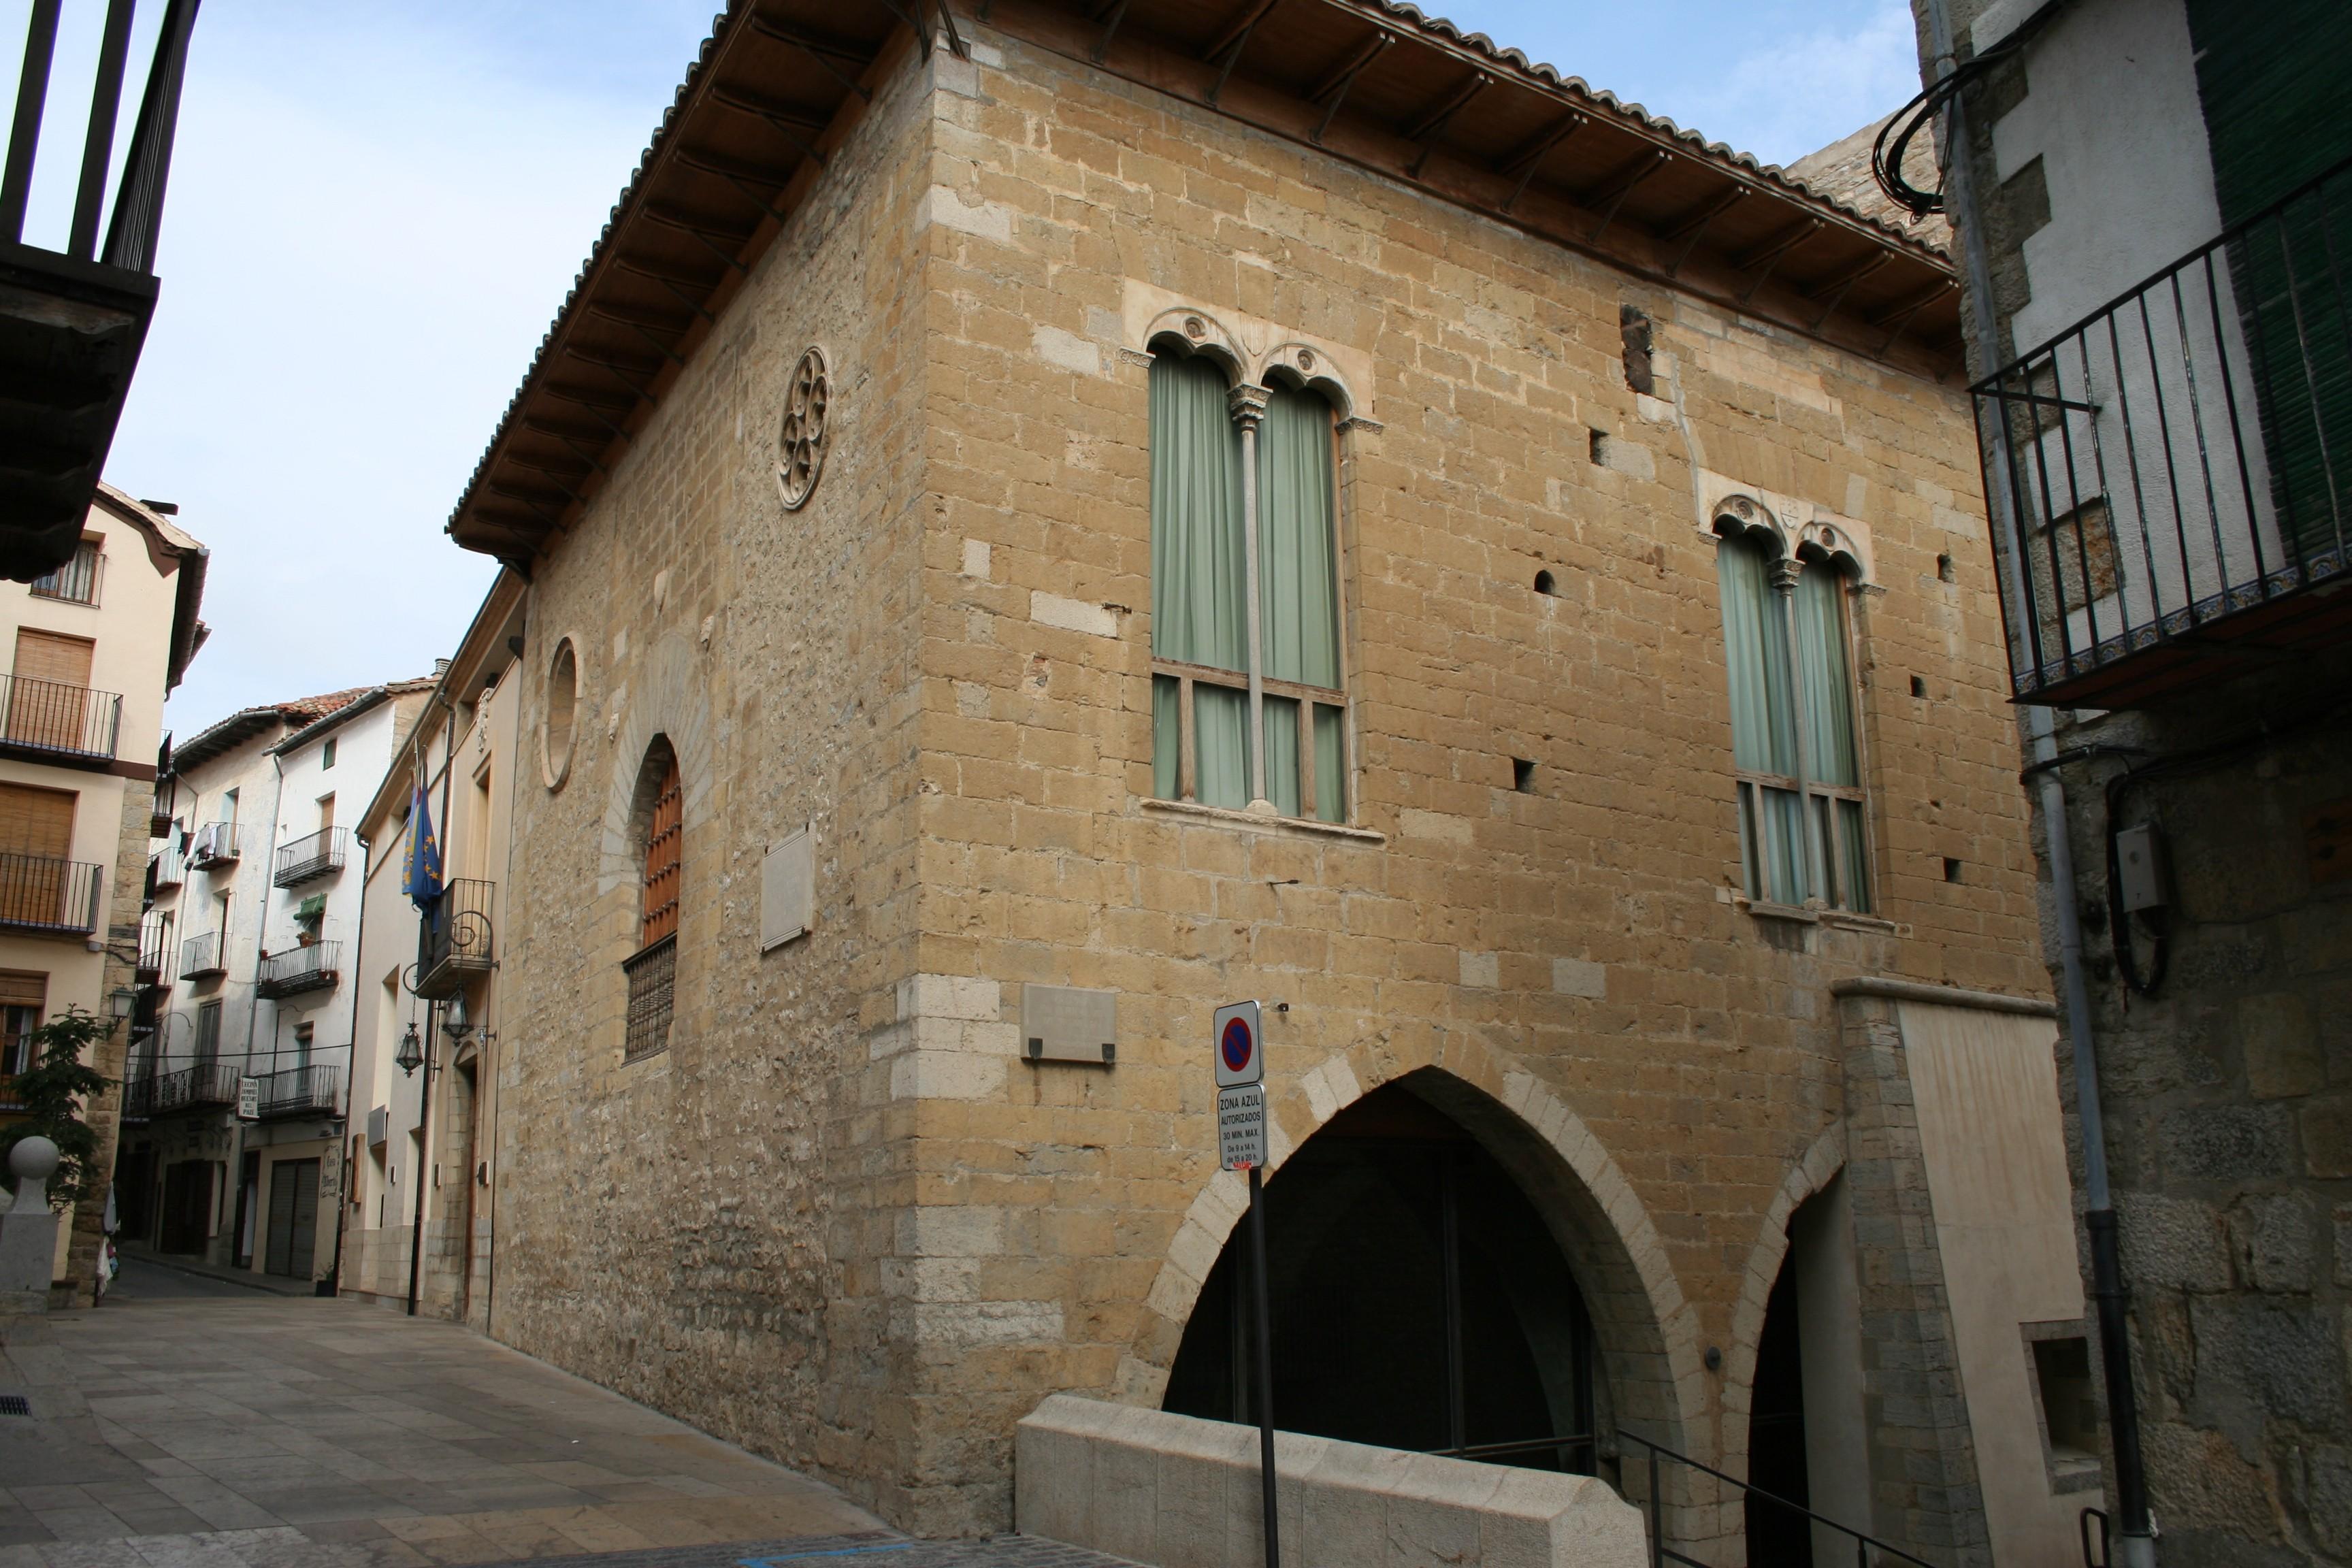 Turismo morella un paseo por la ciudad medieval - Casa de pueblo en valencia ...